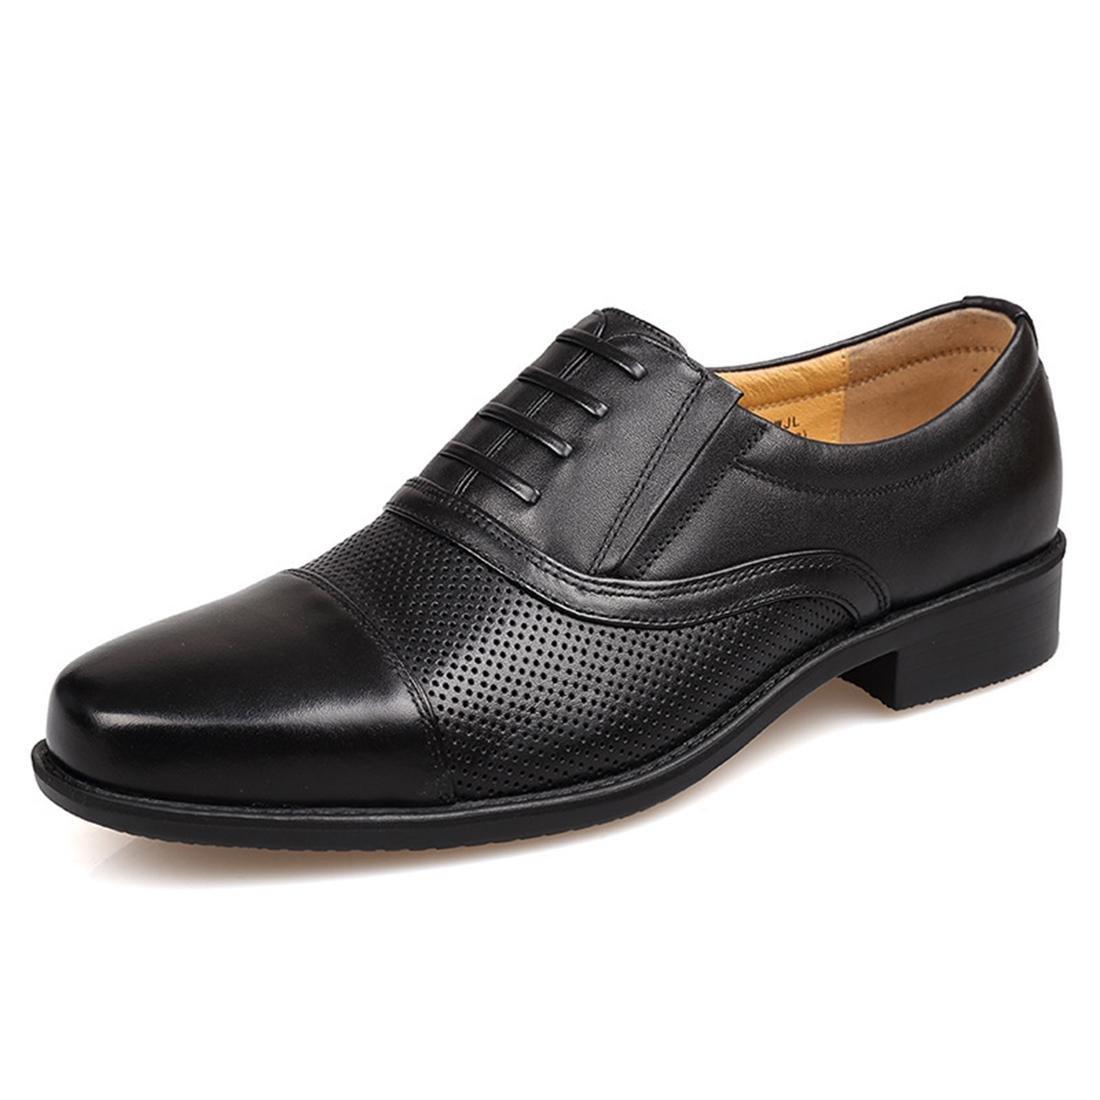 Herren Atmungsaktiv Atmungsaktiv Atmungsaktiv Lederschuhe Licht Gemütlich Lässige Schuhe Flache Schuhe Geschäft Formelle Kleidung Stiefel EUR GRÖSSE 38-46 ea5cd0